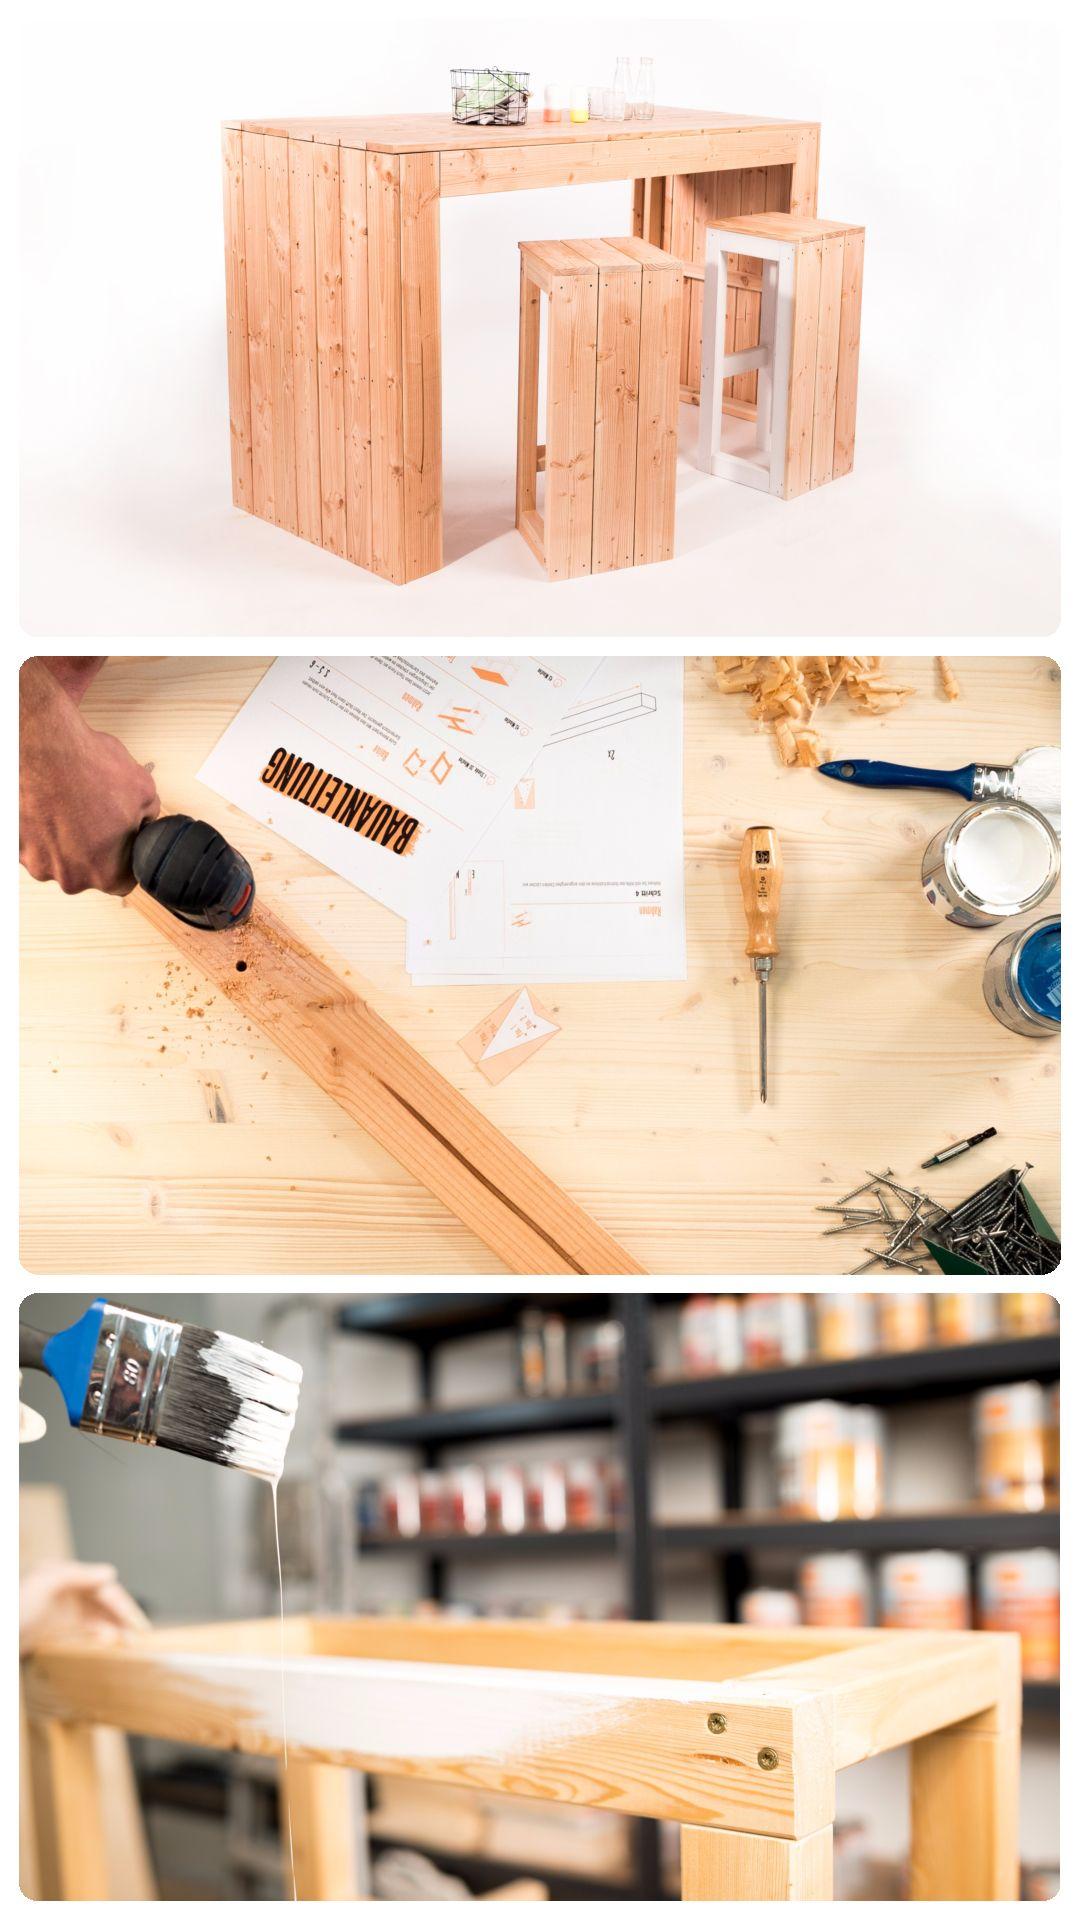 gartentisch lotte selber bauen tische obi selbstbaum bel pinterest tisch wohnen und. Black Bedroom Furniture Sets. Home Design Ideas